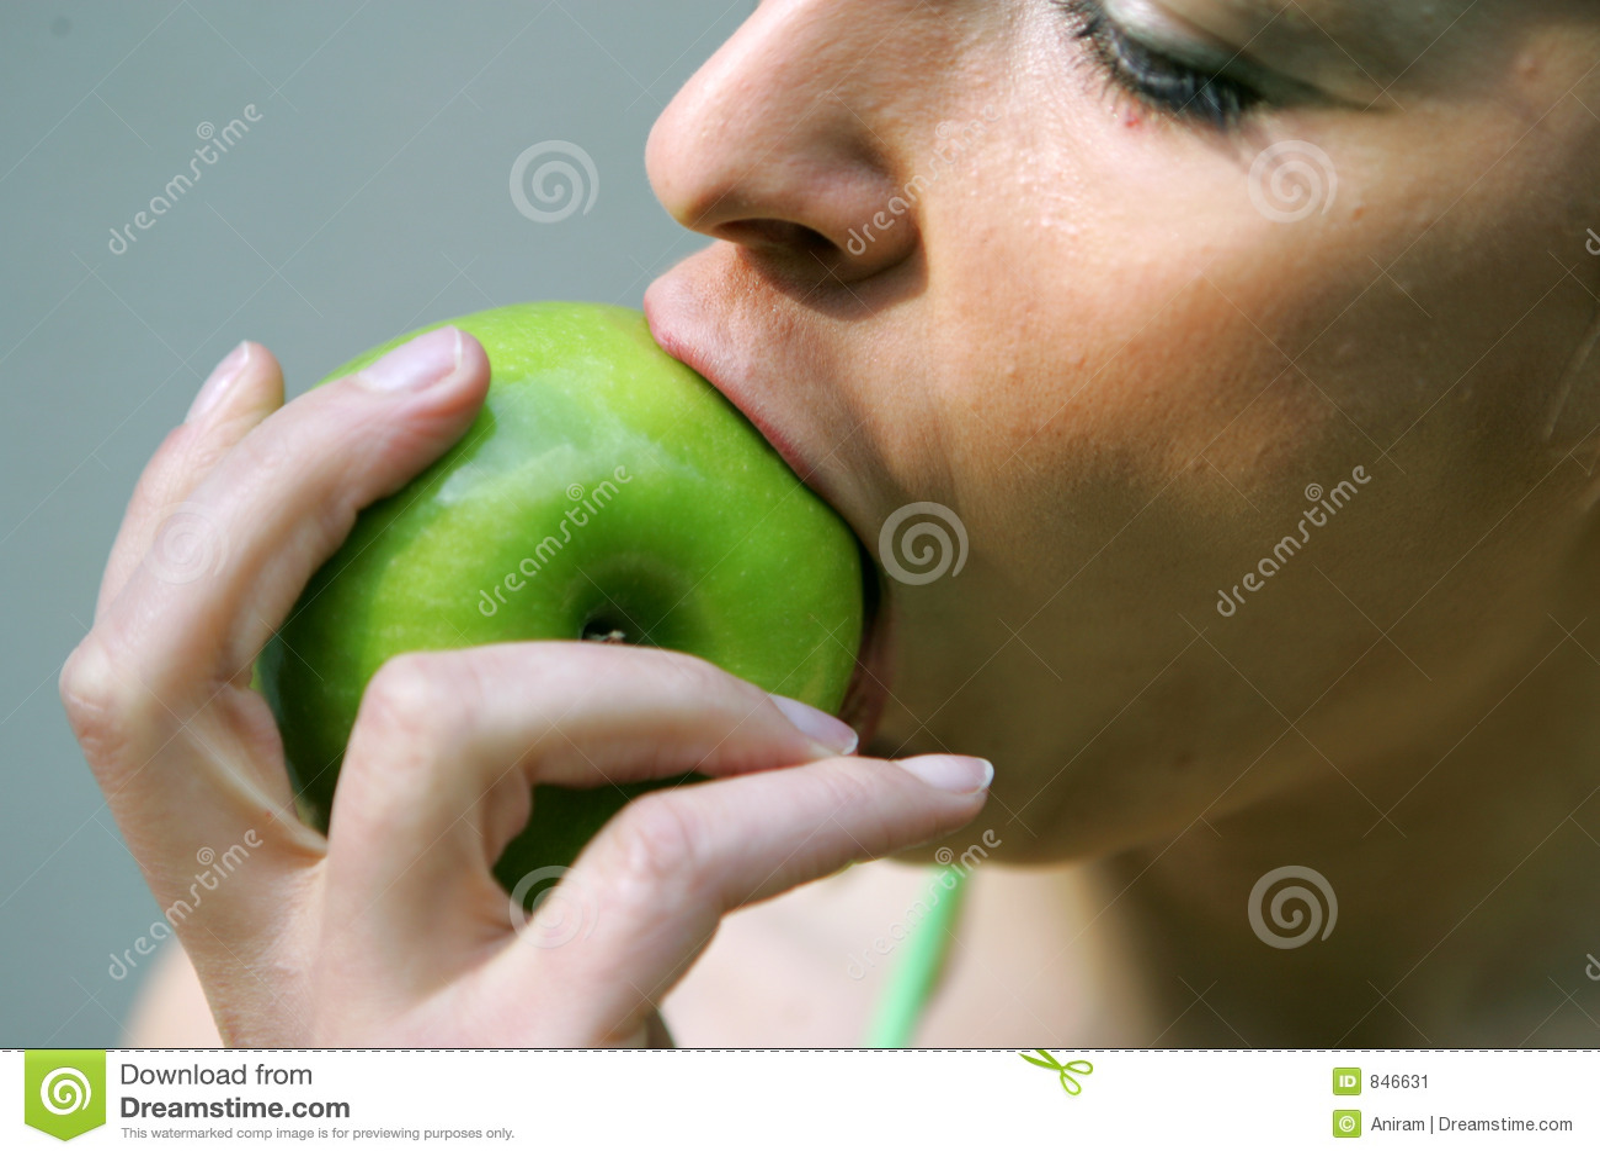 Big apple bite